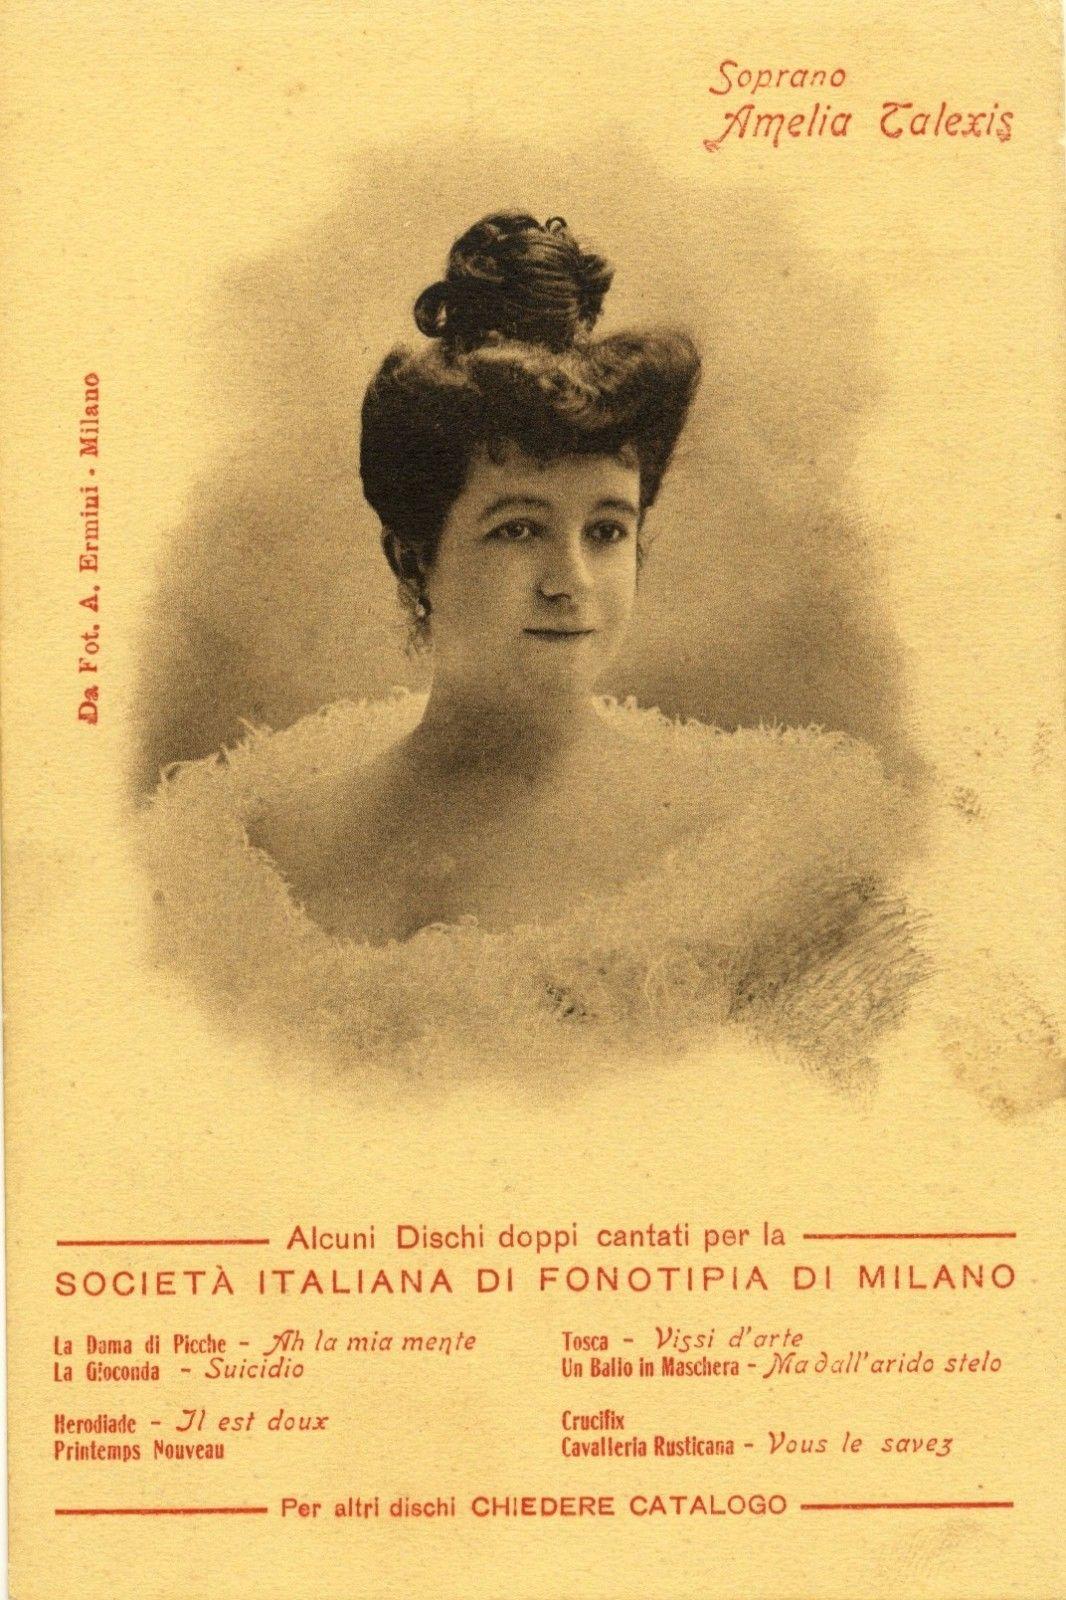 FRENCH SOPRANO AMELIA TALEXIS (1875-1911) CD